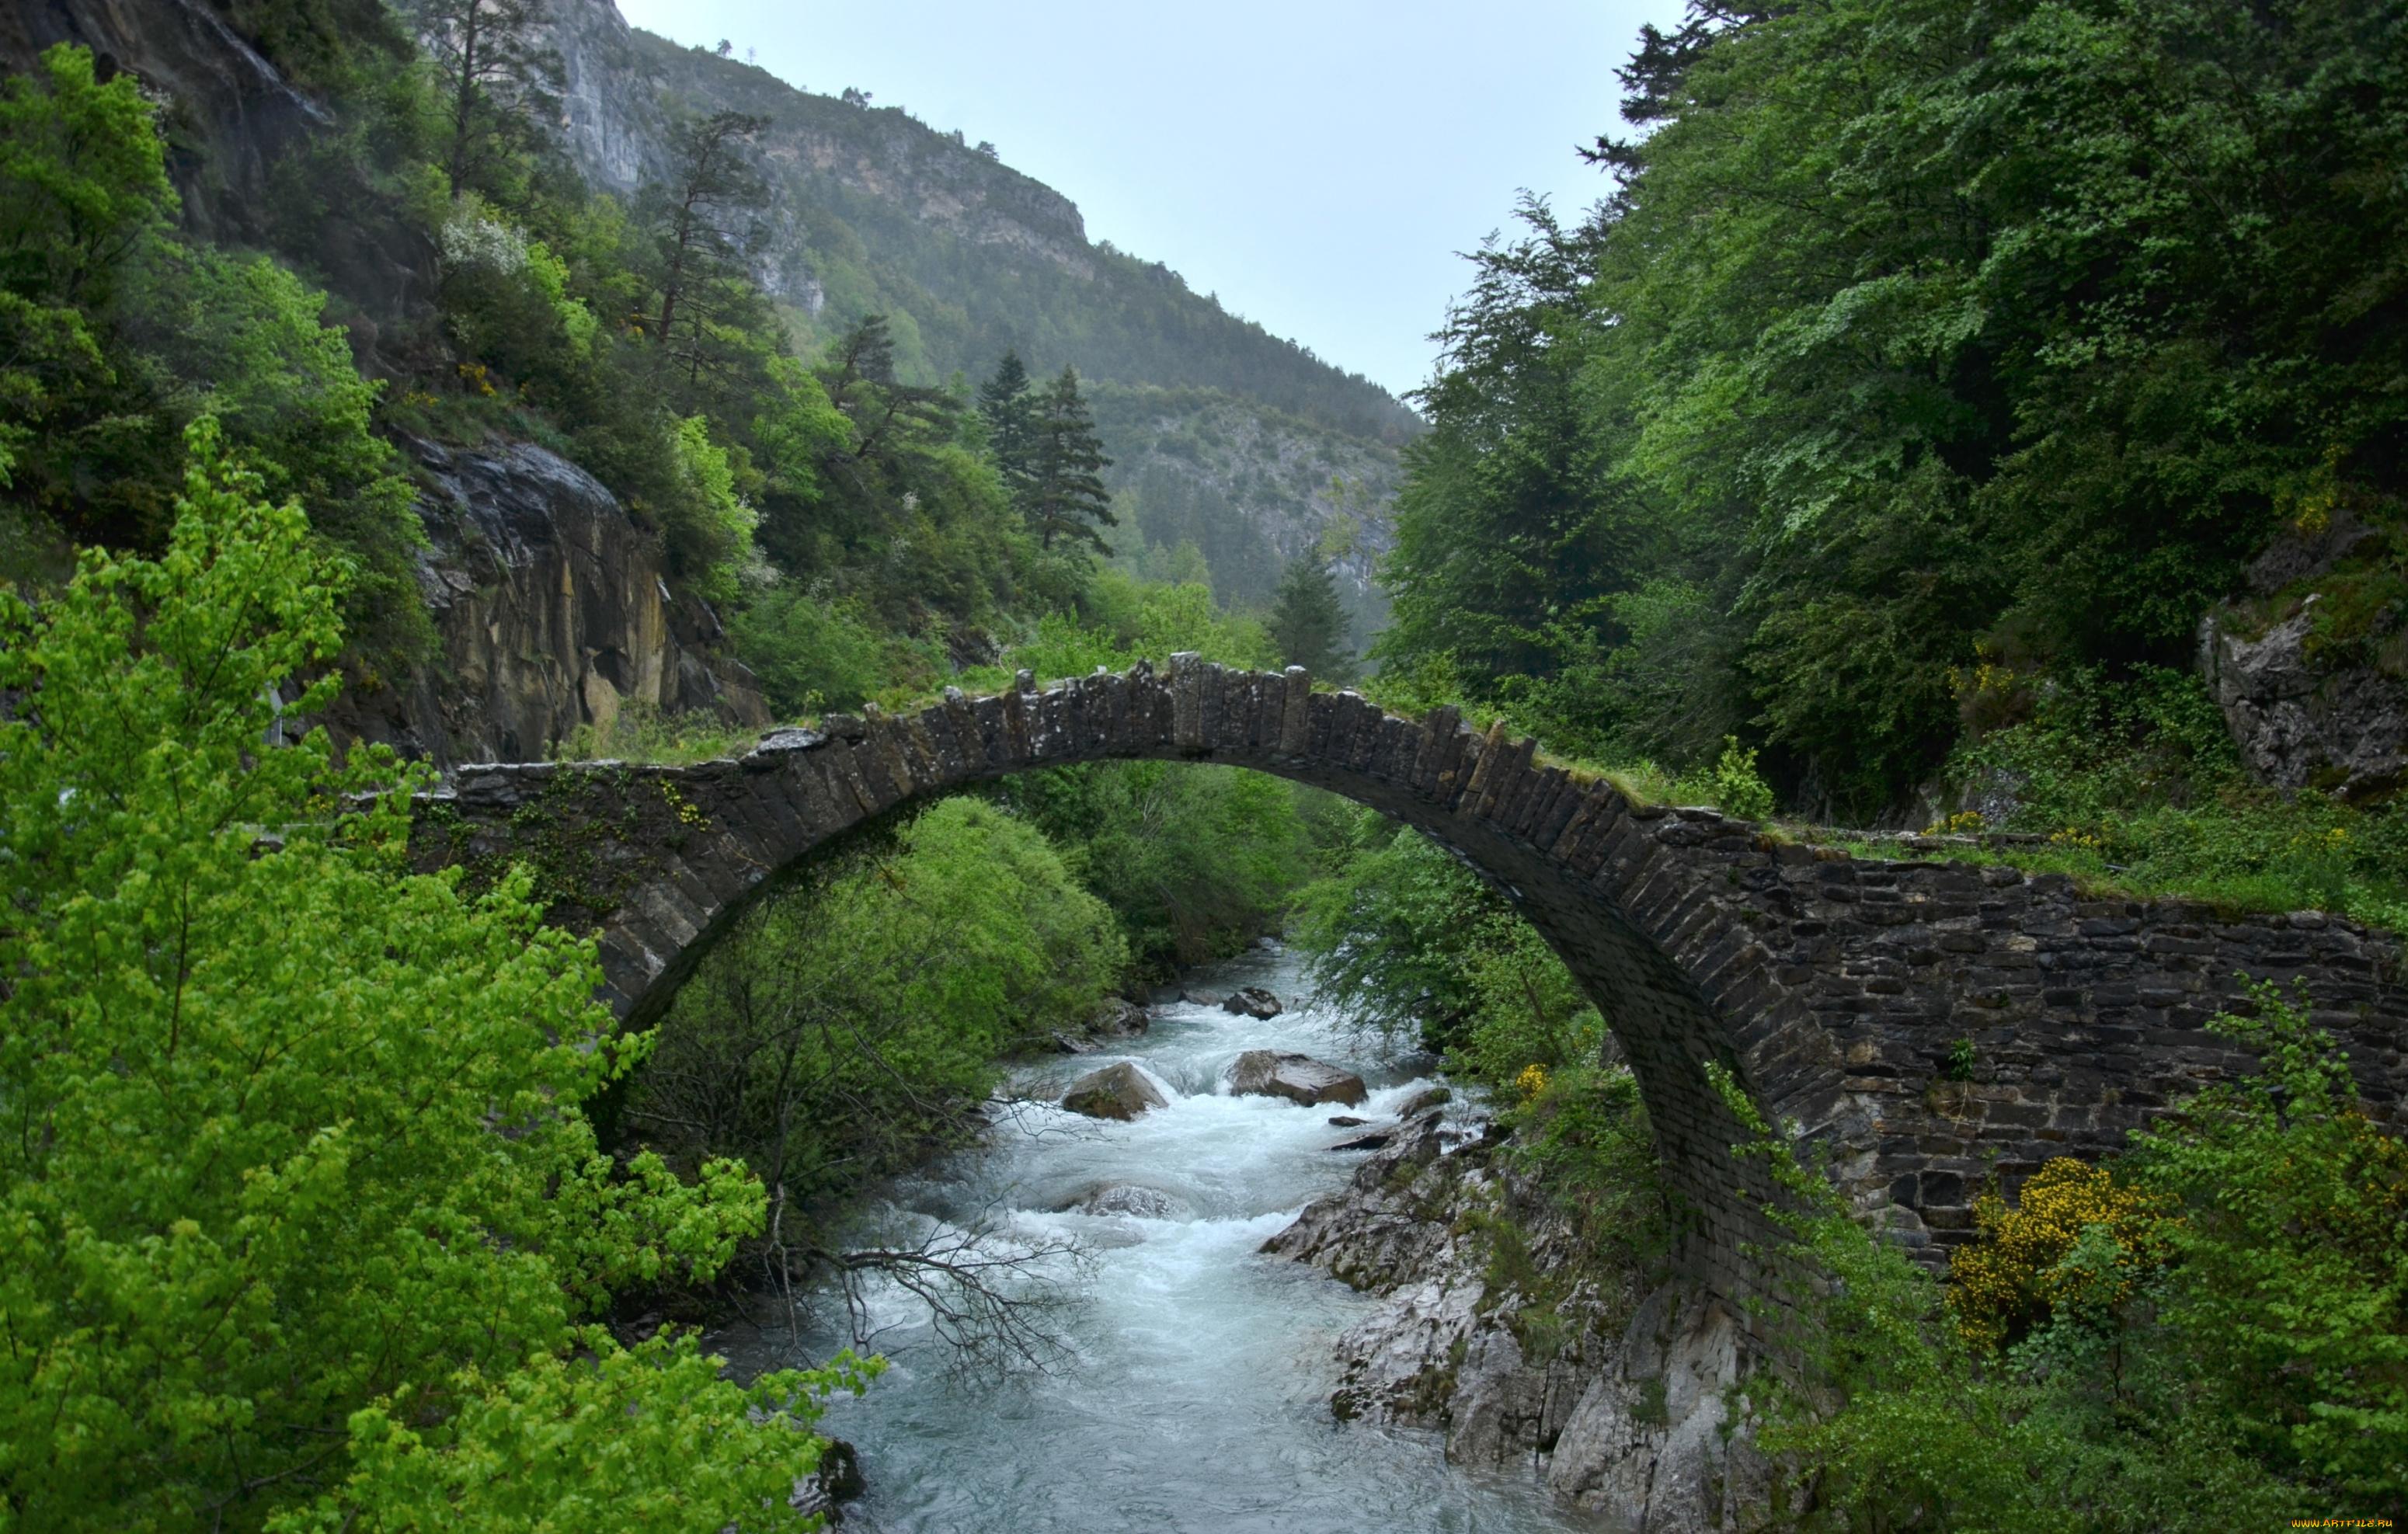 Озерцо мостик лес горы  № 2950046 без смс